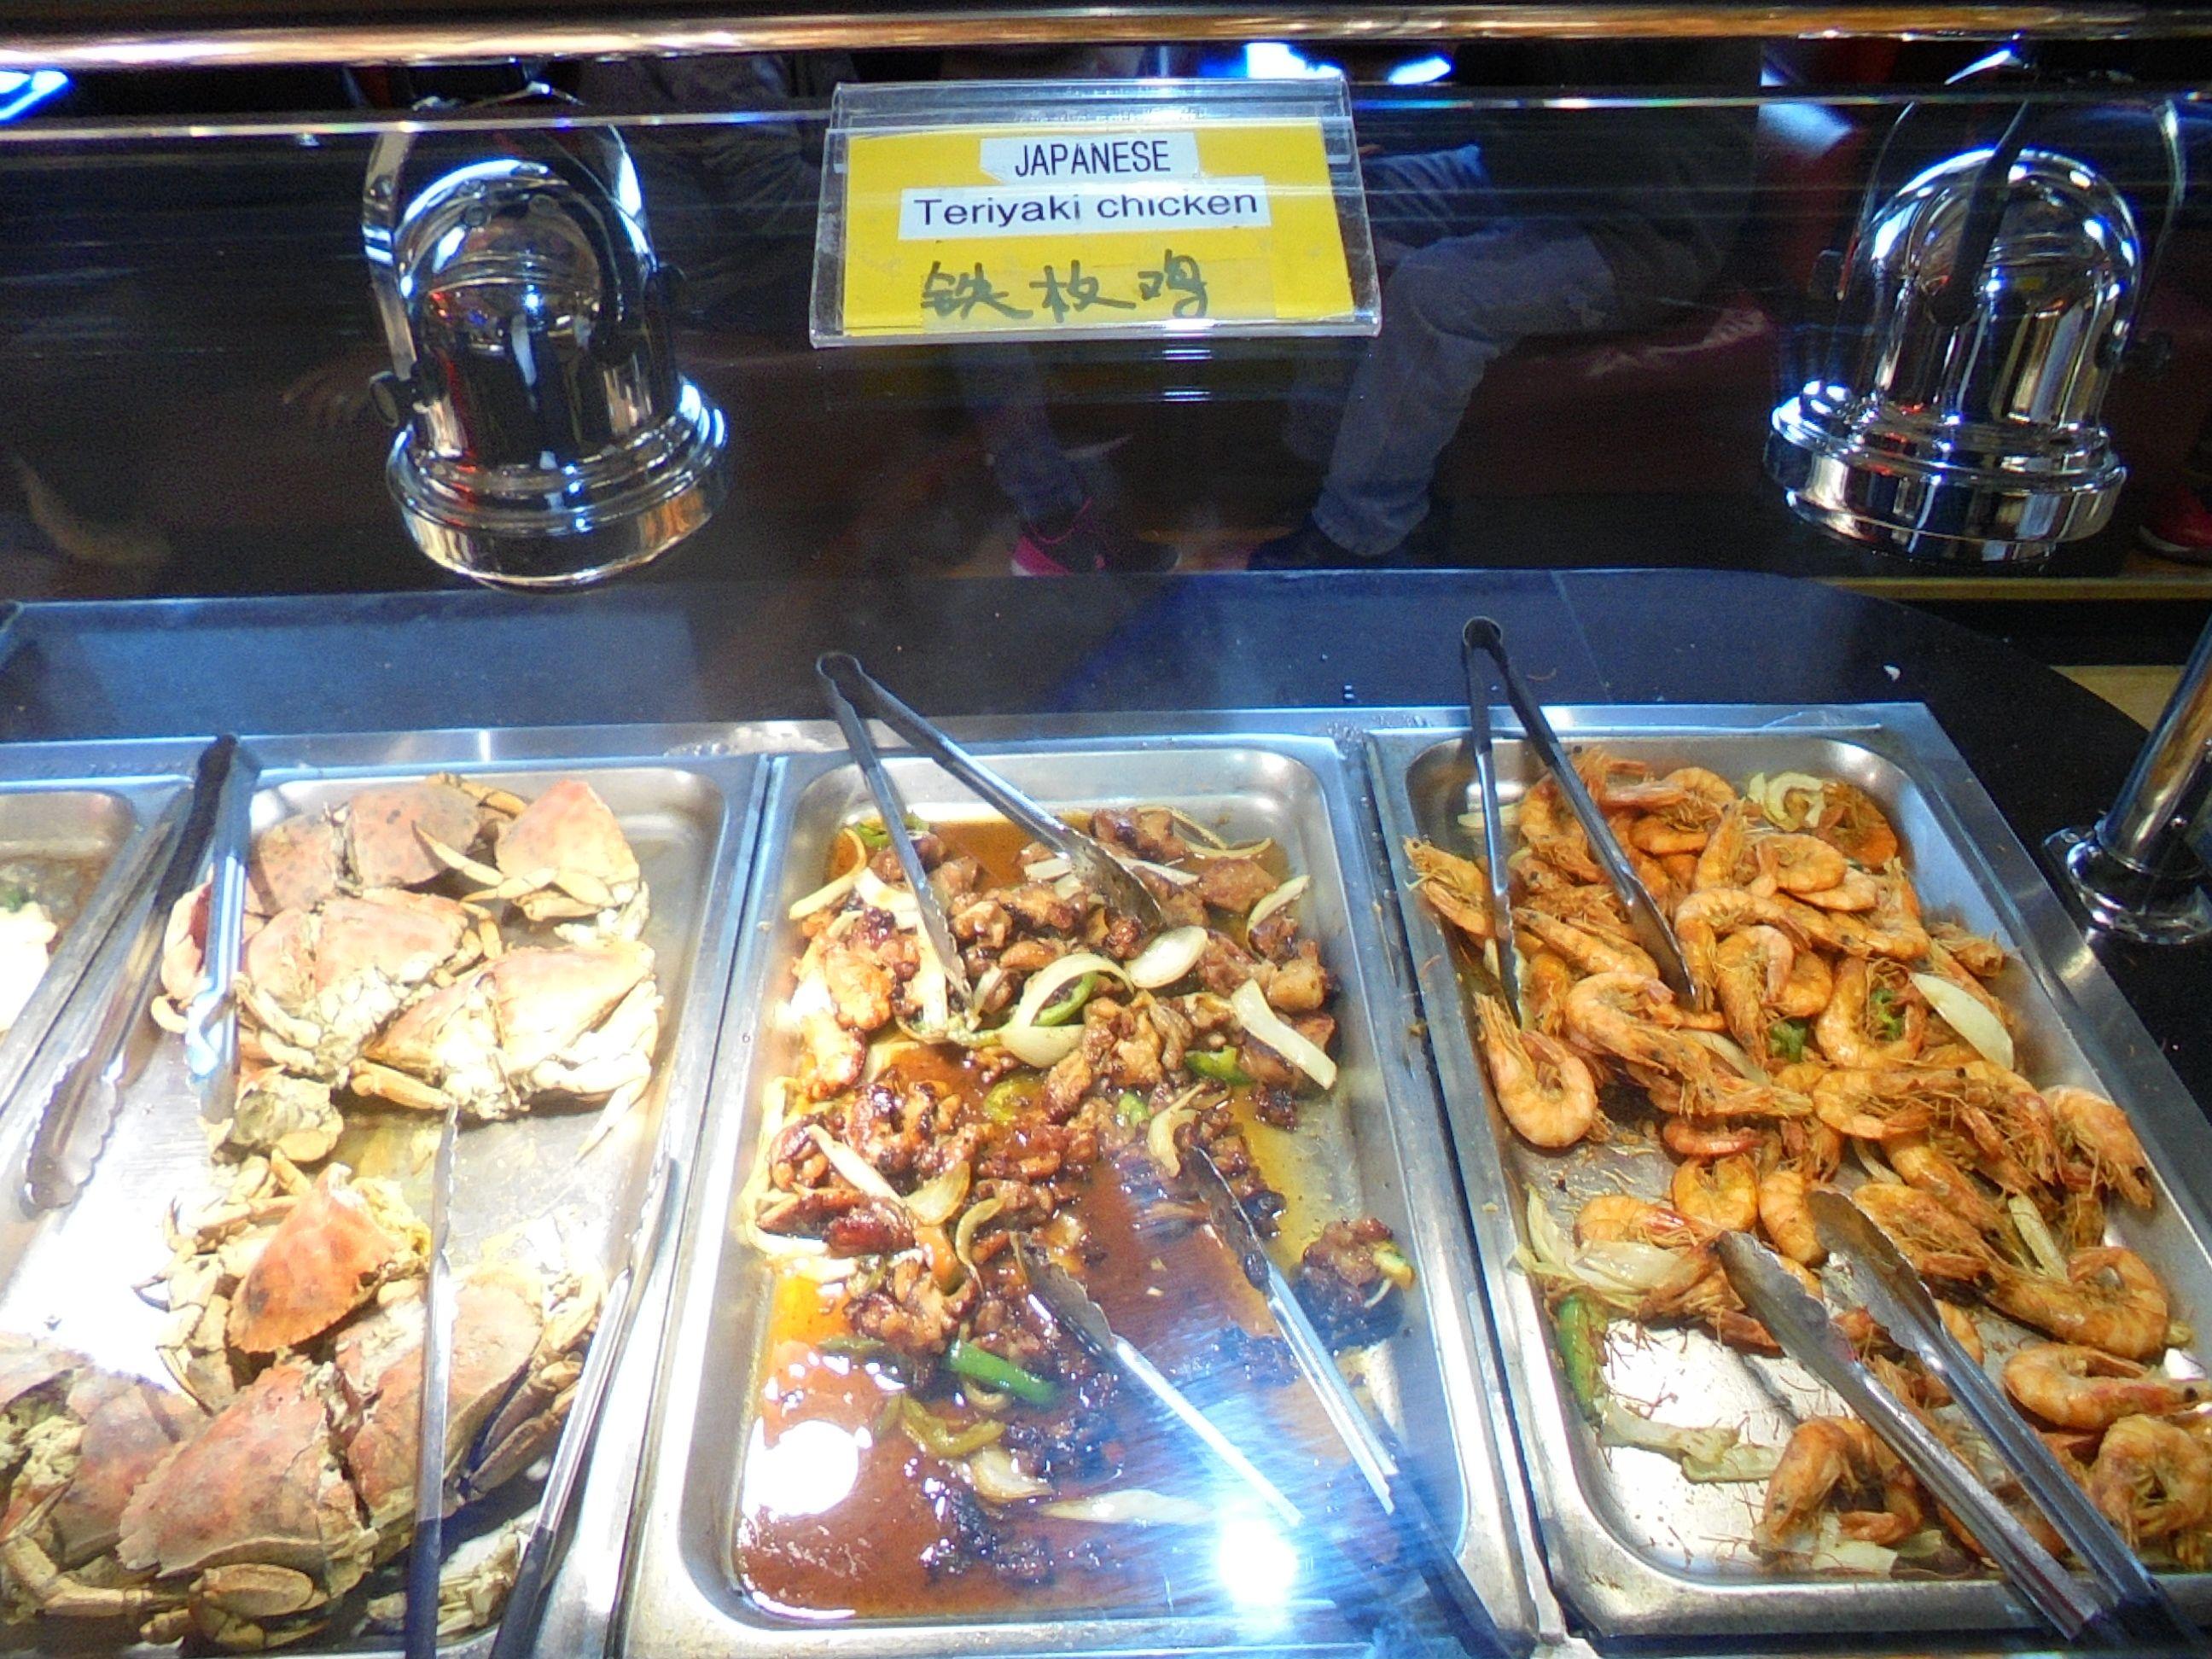 #Chicken, #Shrimp & #delicious #Crab as a #food #combination